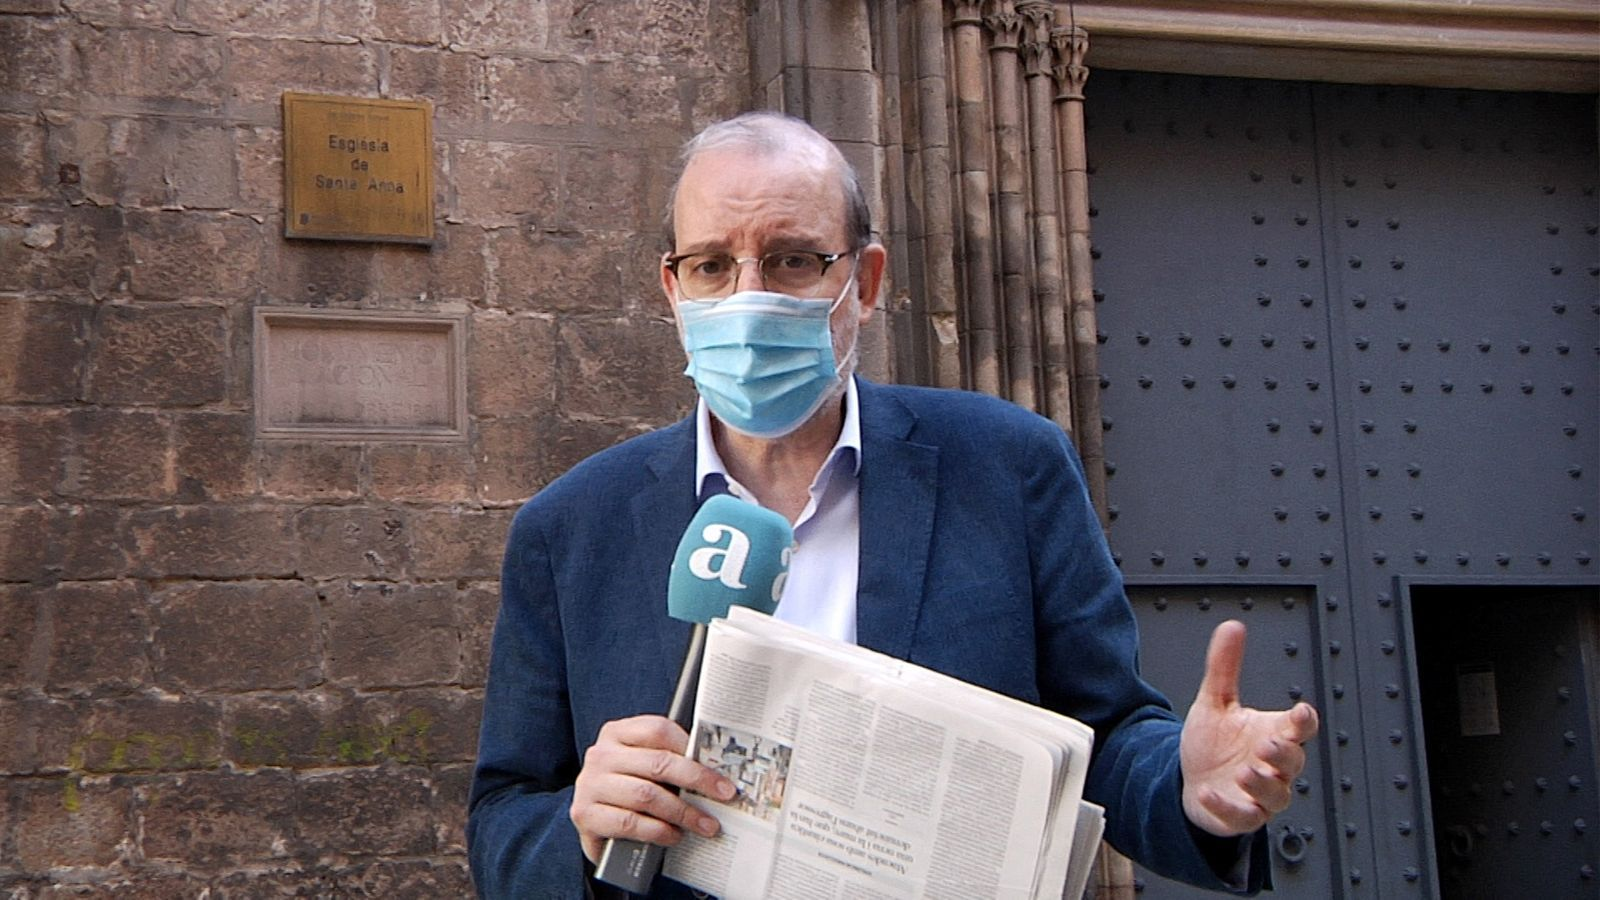 L'anàlisi d'Antoni Bassas: 'Lluitant contra la destrucció social'